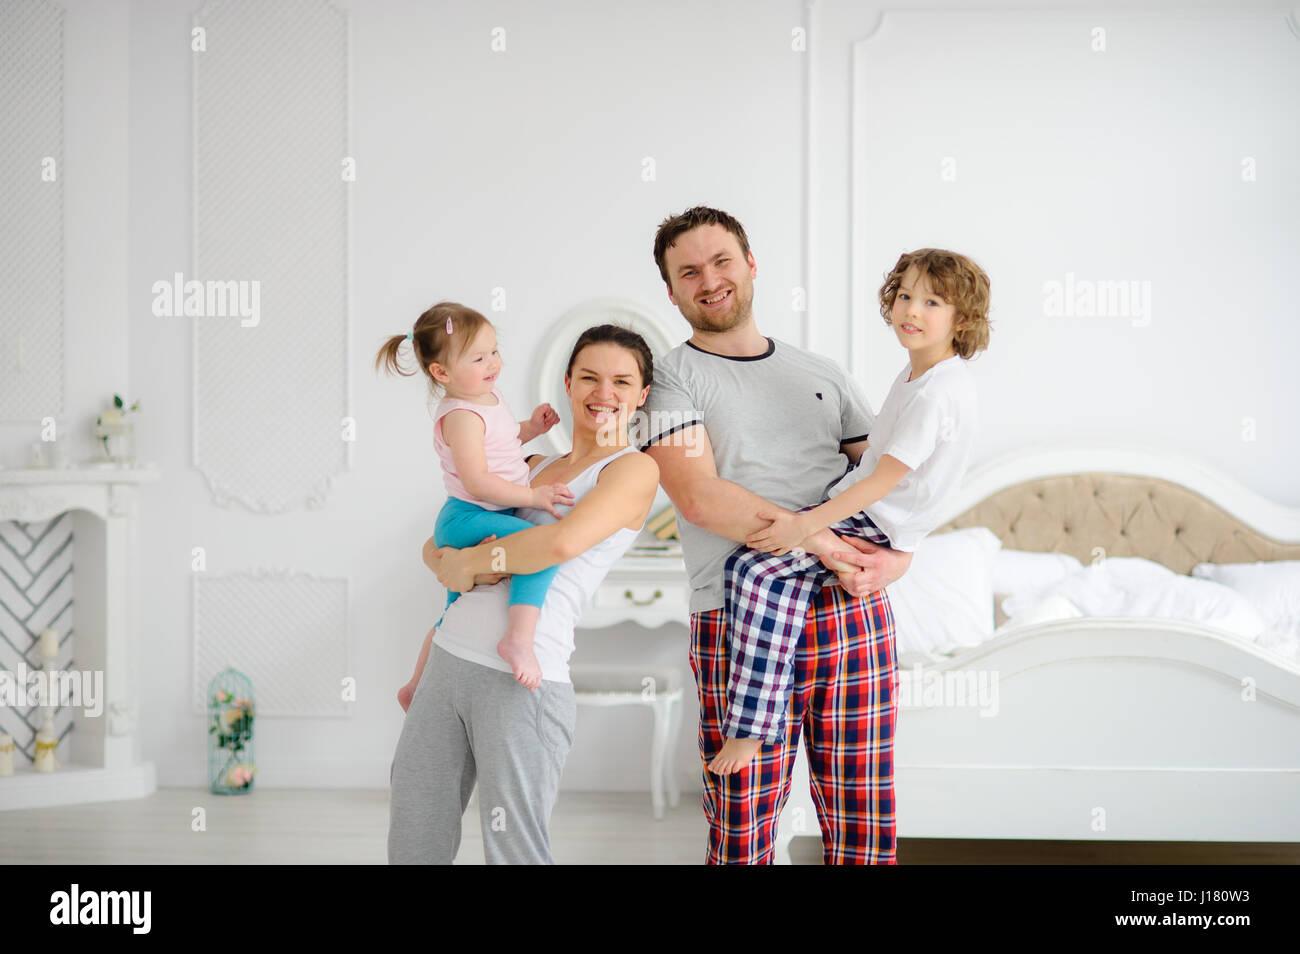 Joyeux début de journée dans une famille heureuse. Chambre à coucher confortable. Les jeunes parents Photo Stock